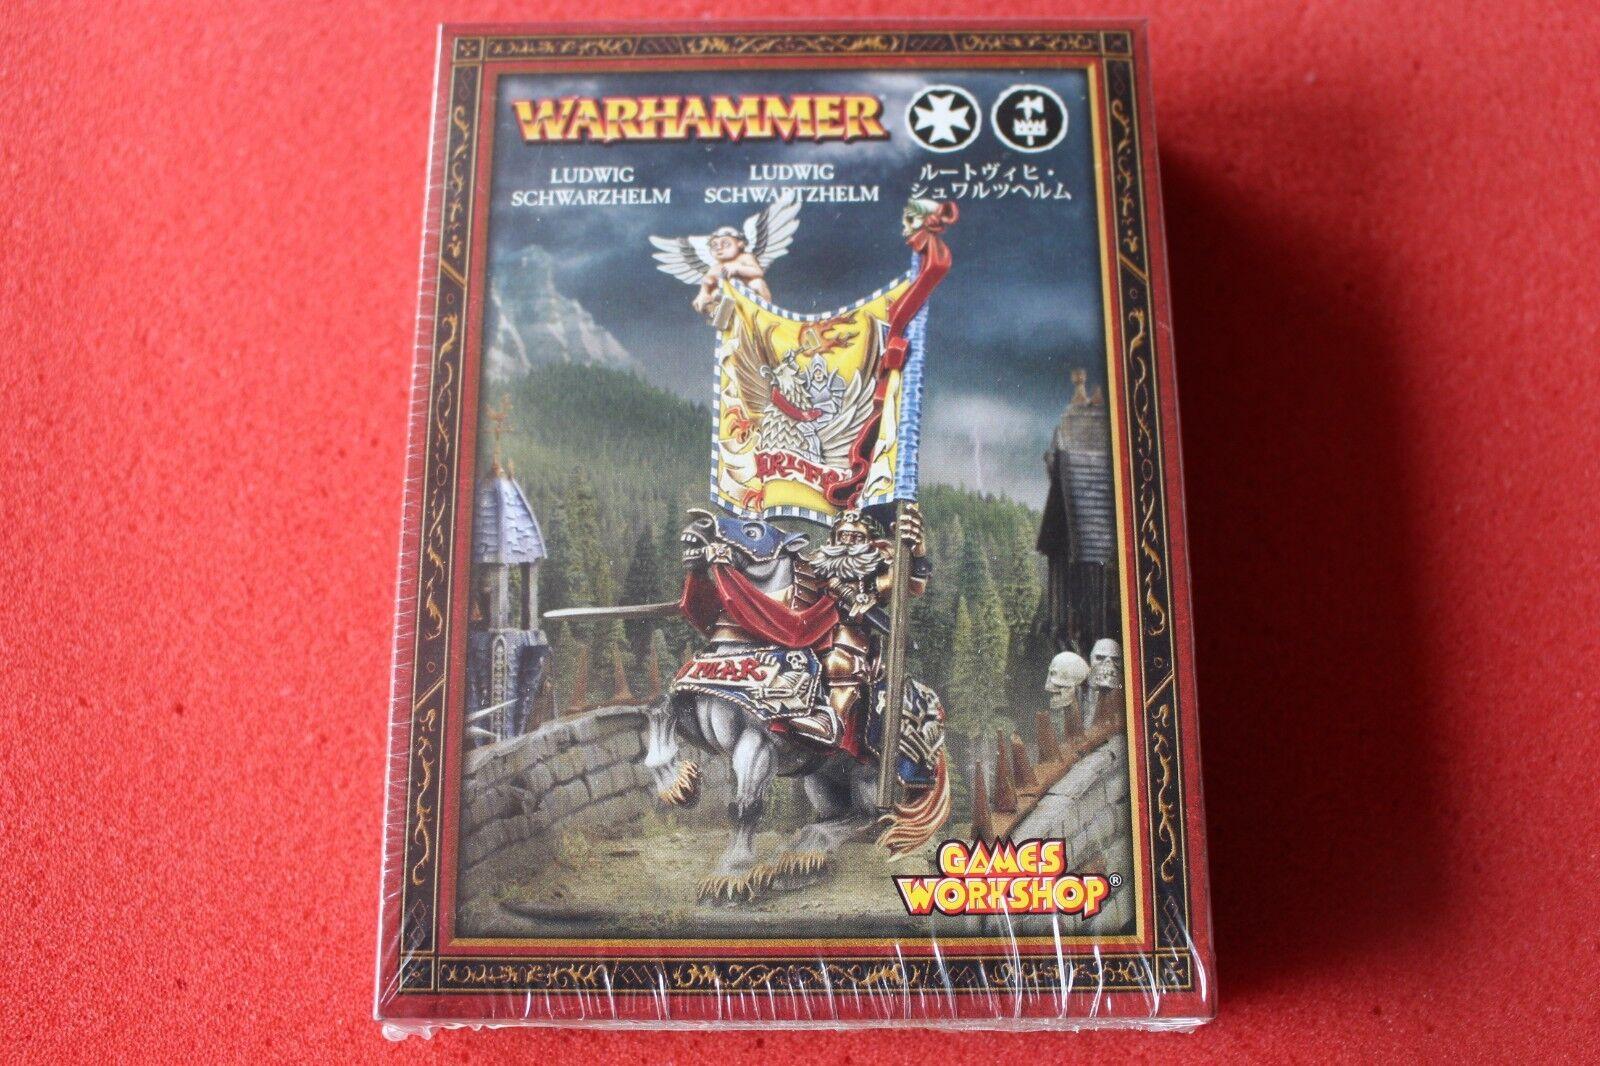 si affrettò a vedere giocos lavoronegozio Warhammer L'Impero Ludwig nerohelm gli gli gli imperatori CHAMPION in mettuttio  nuova esclusiva di fascia alta